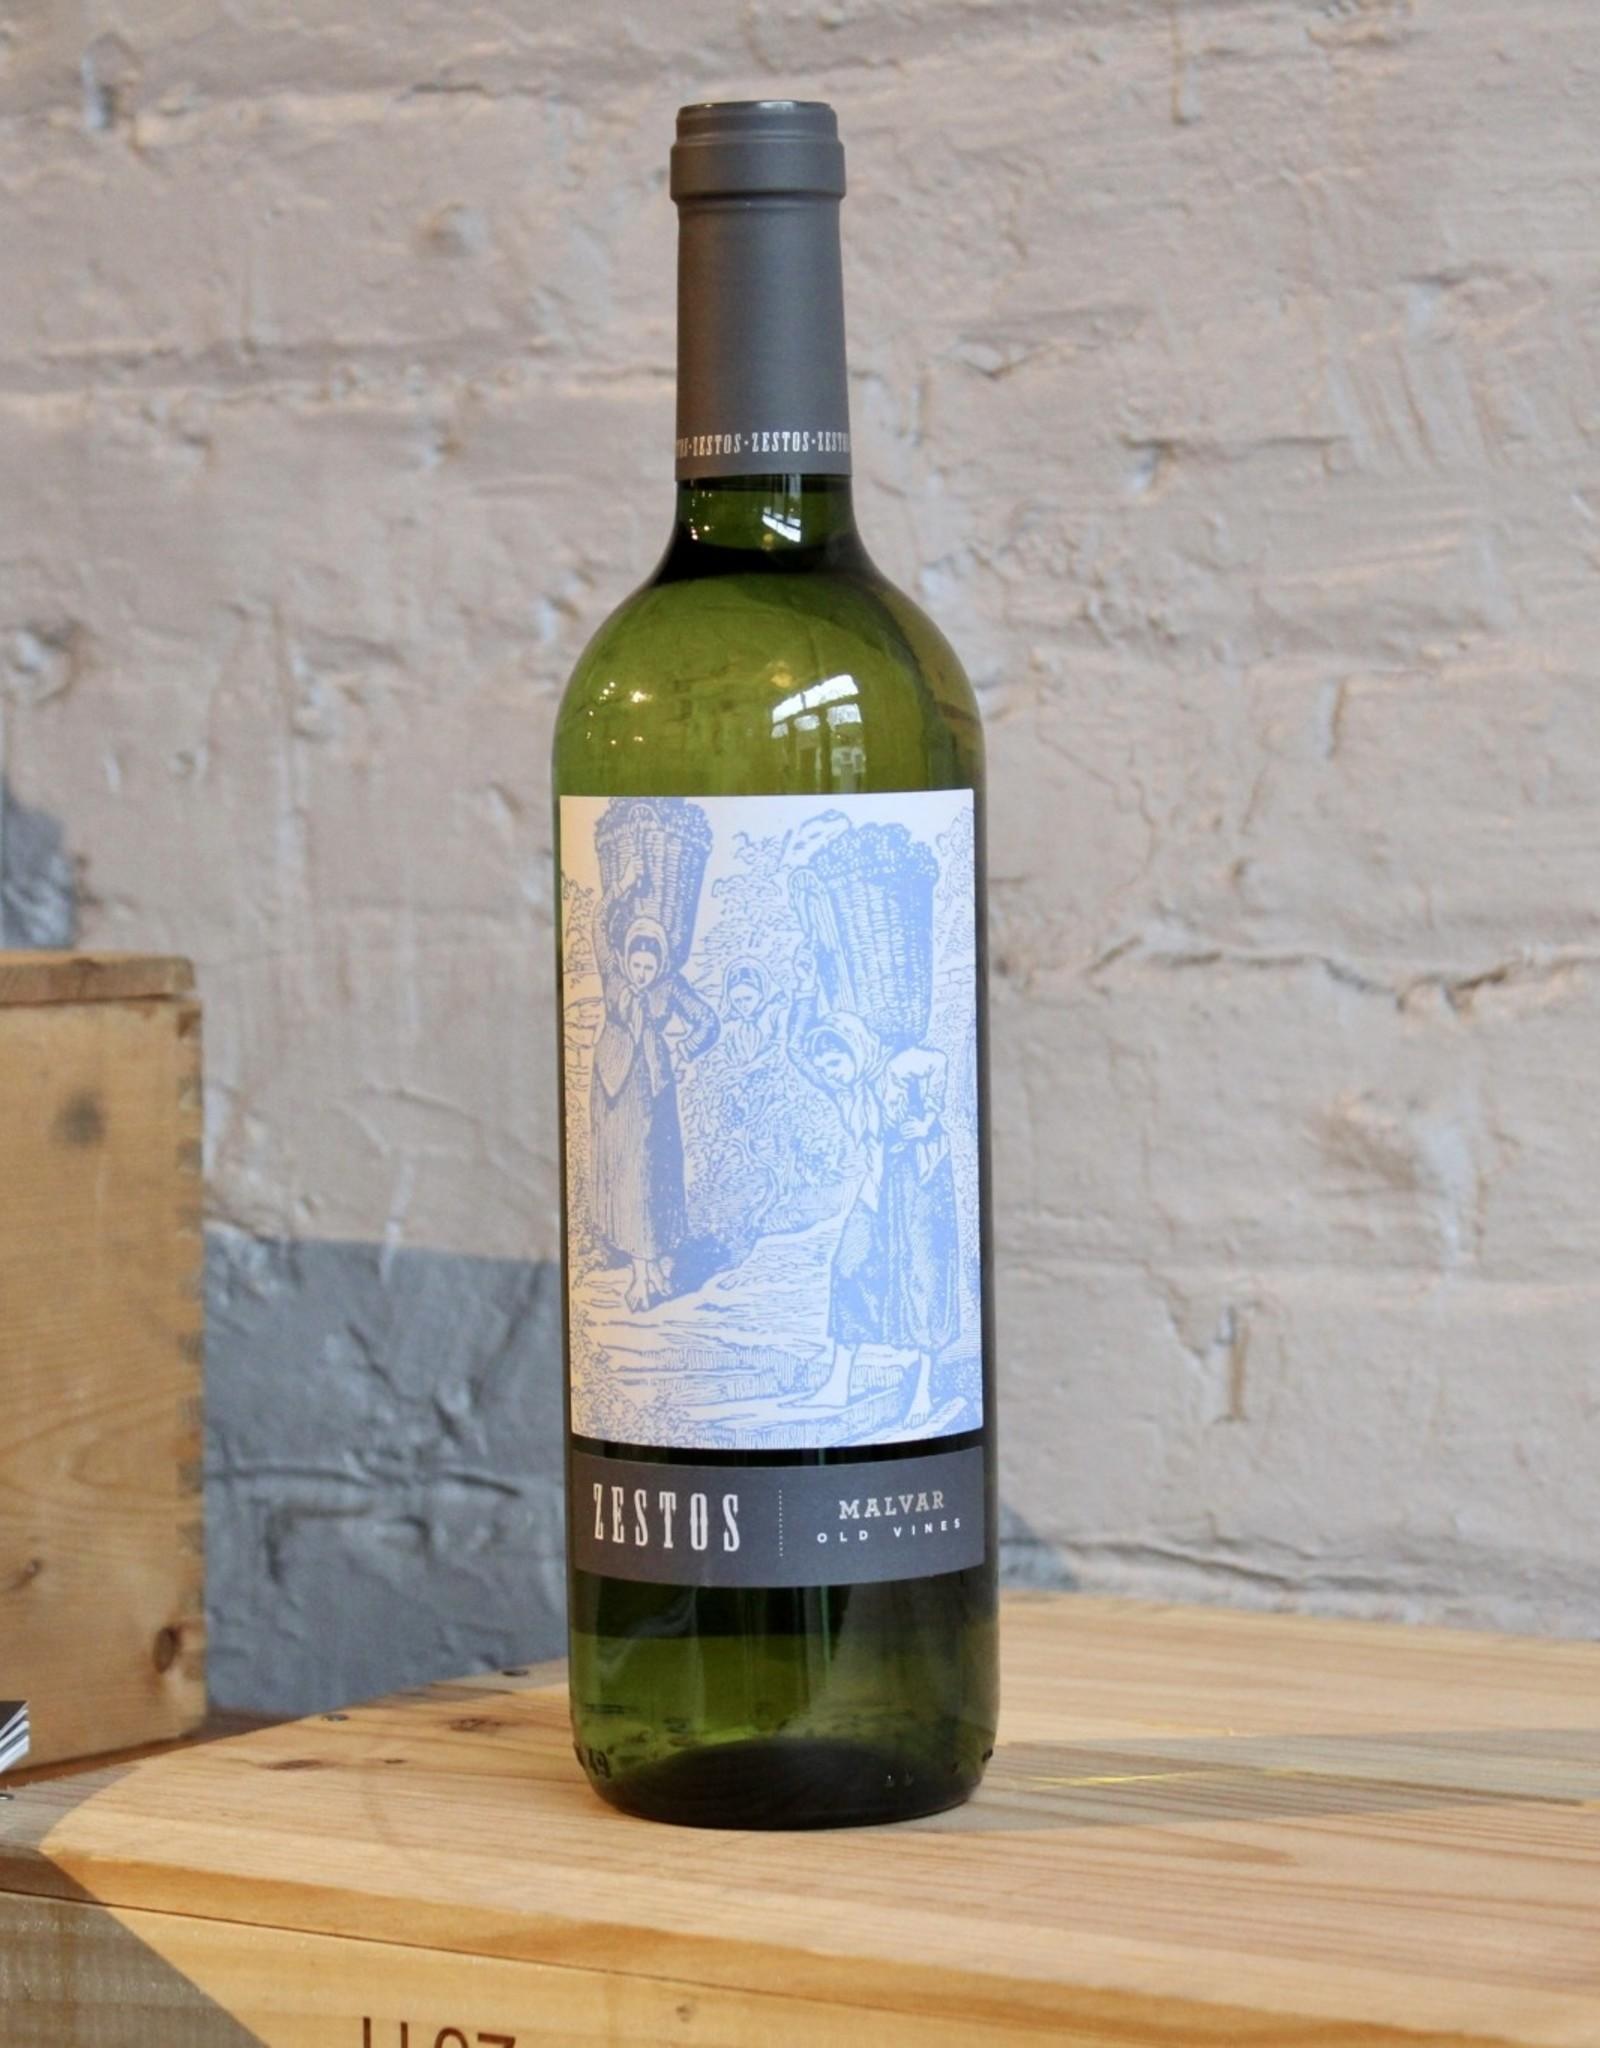 Wine 2019 Zestos Malvar Old Vines Blanco - Madrid, Spain(750ml)